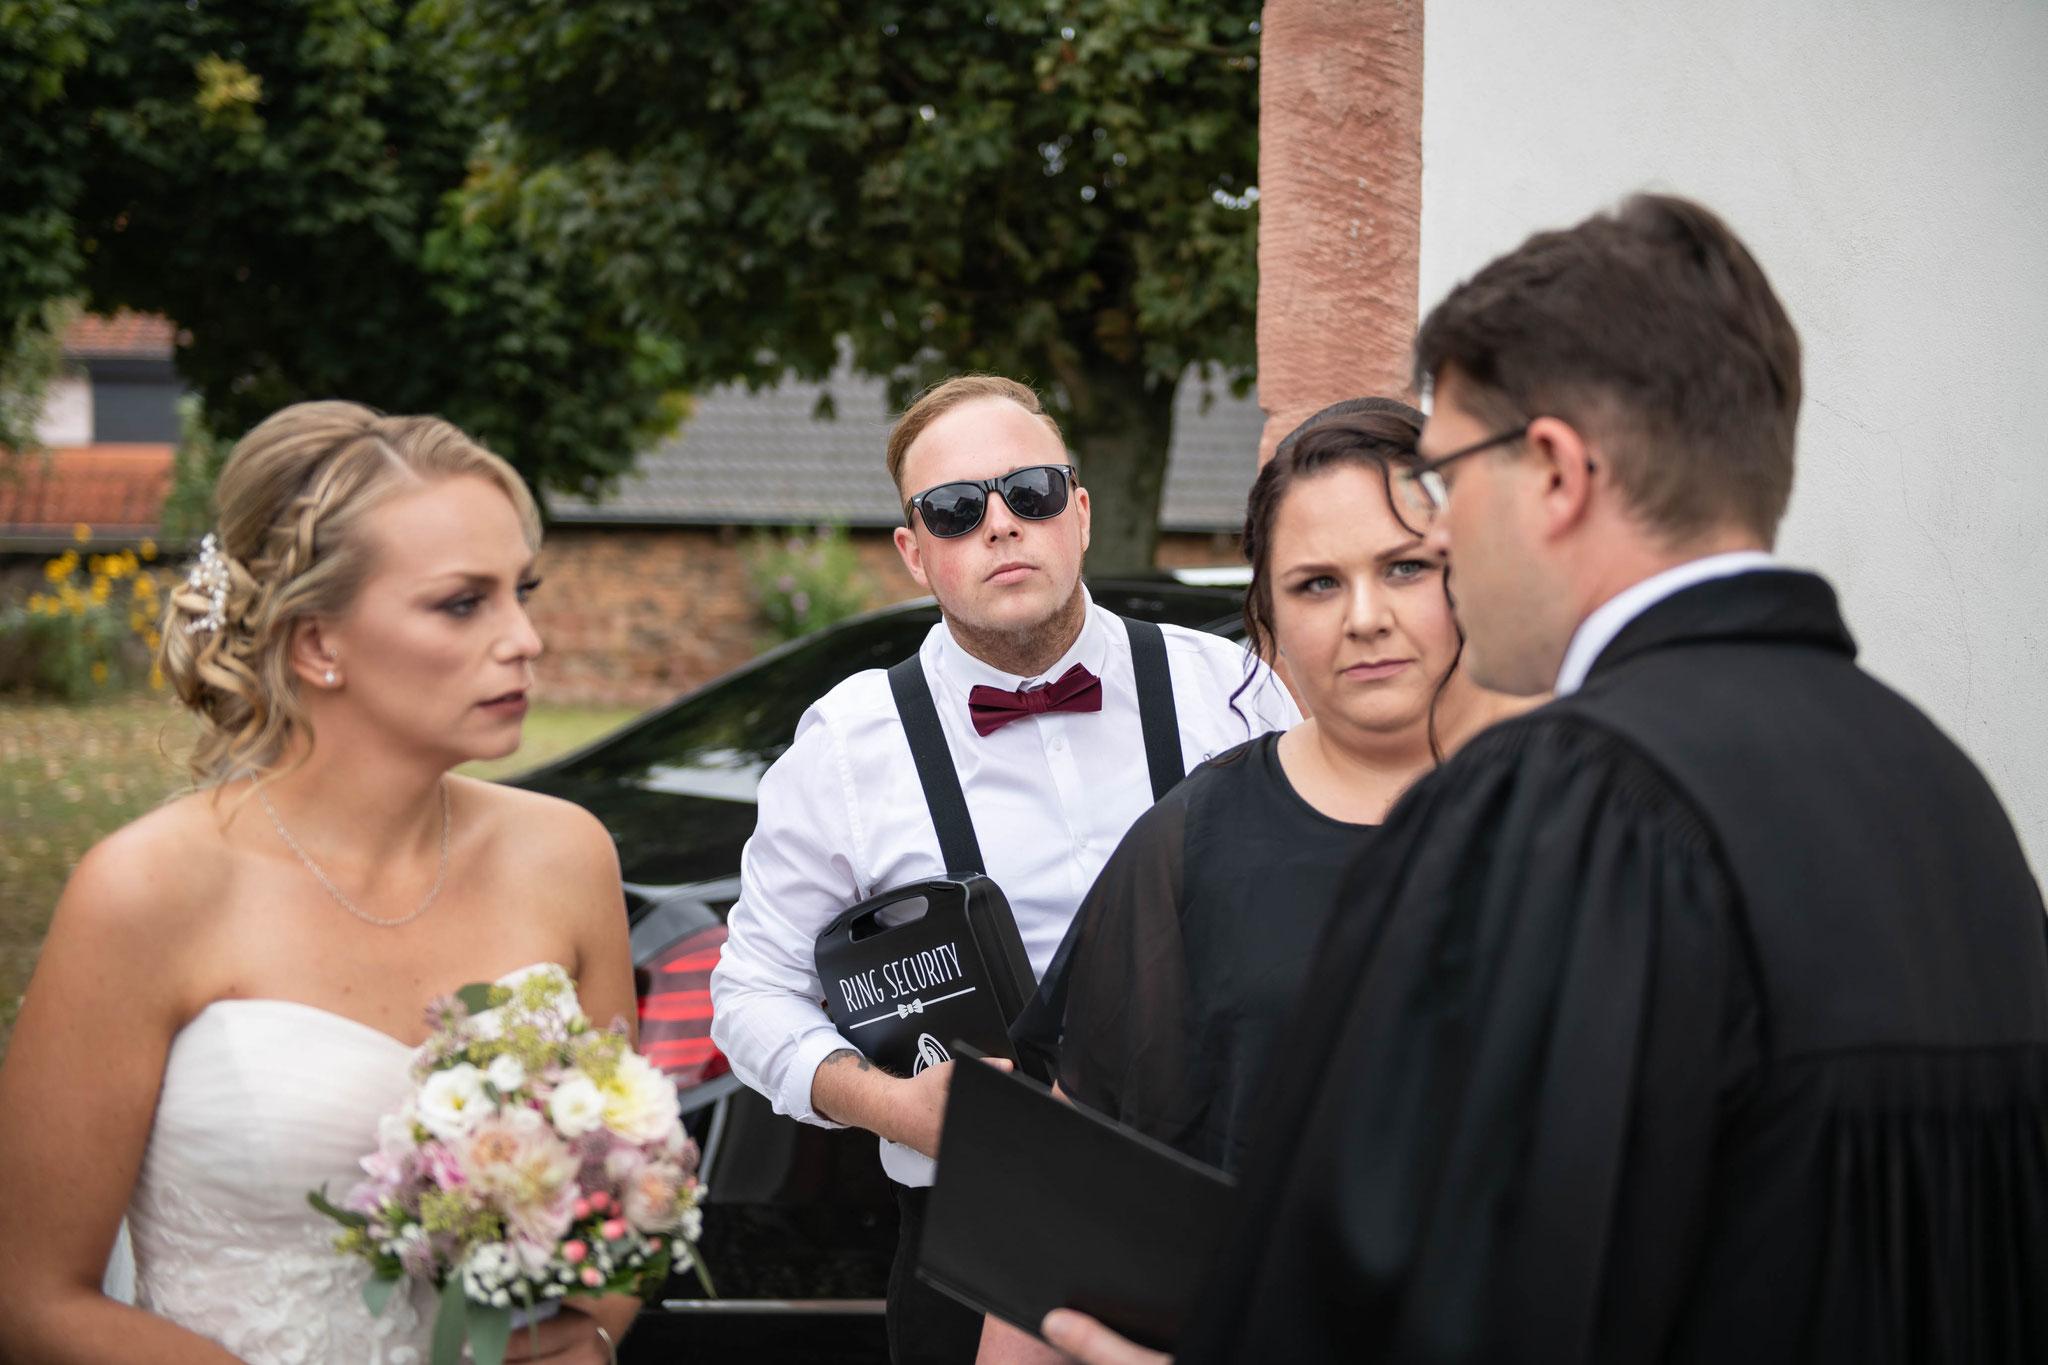 Das Gespräch der Braut mit dem Pfarrer